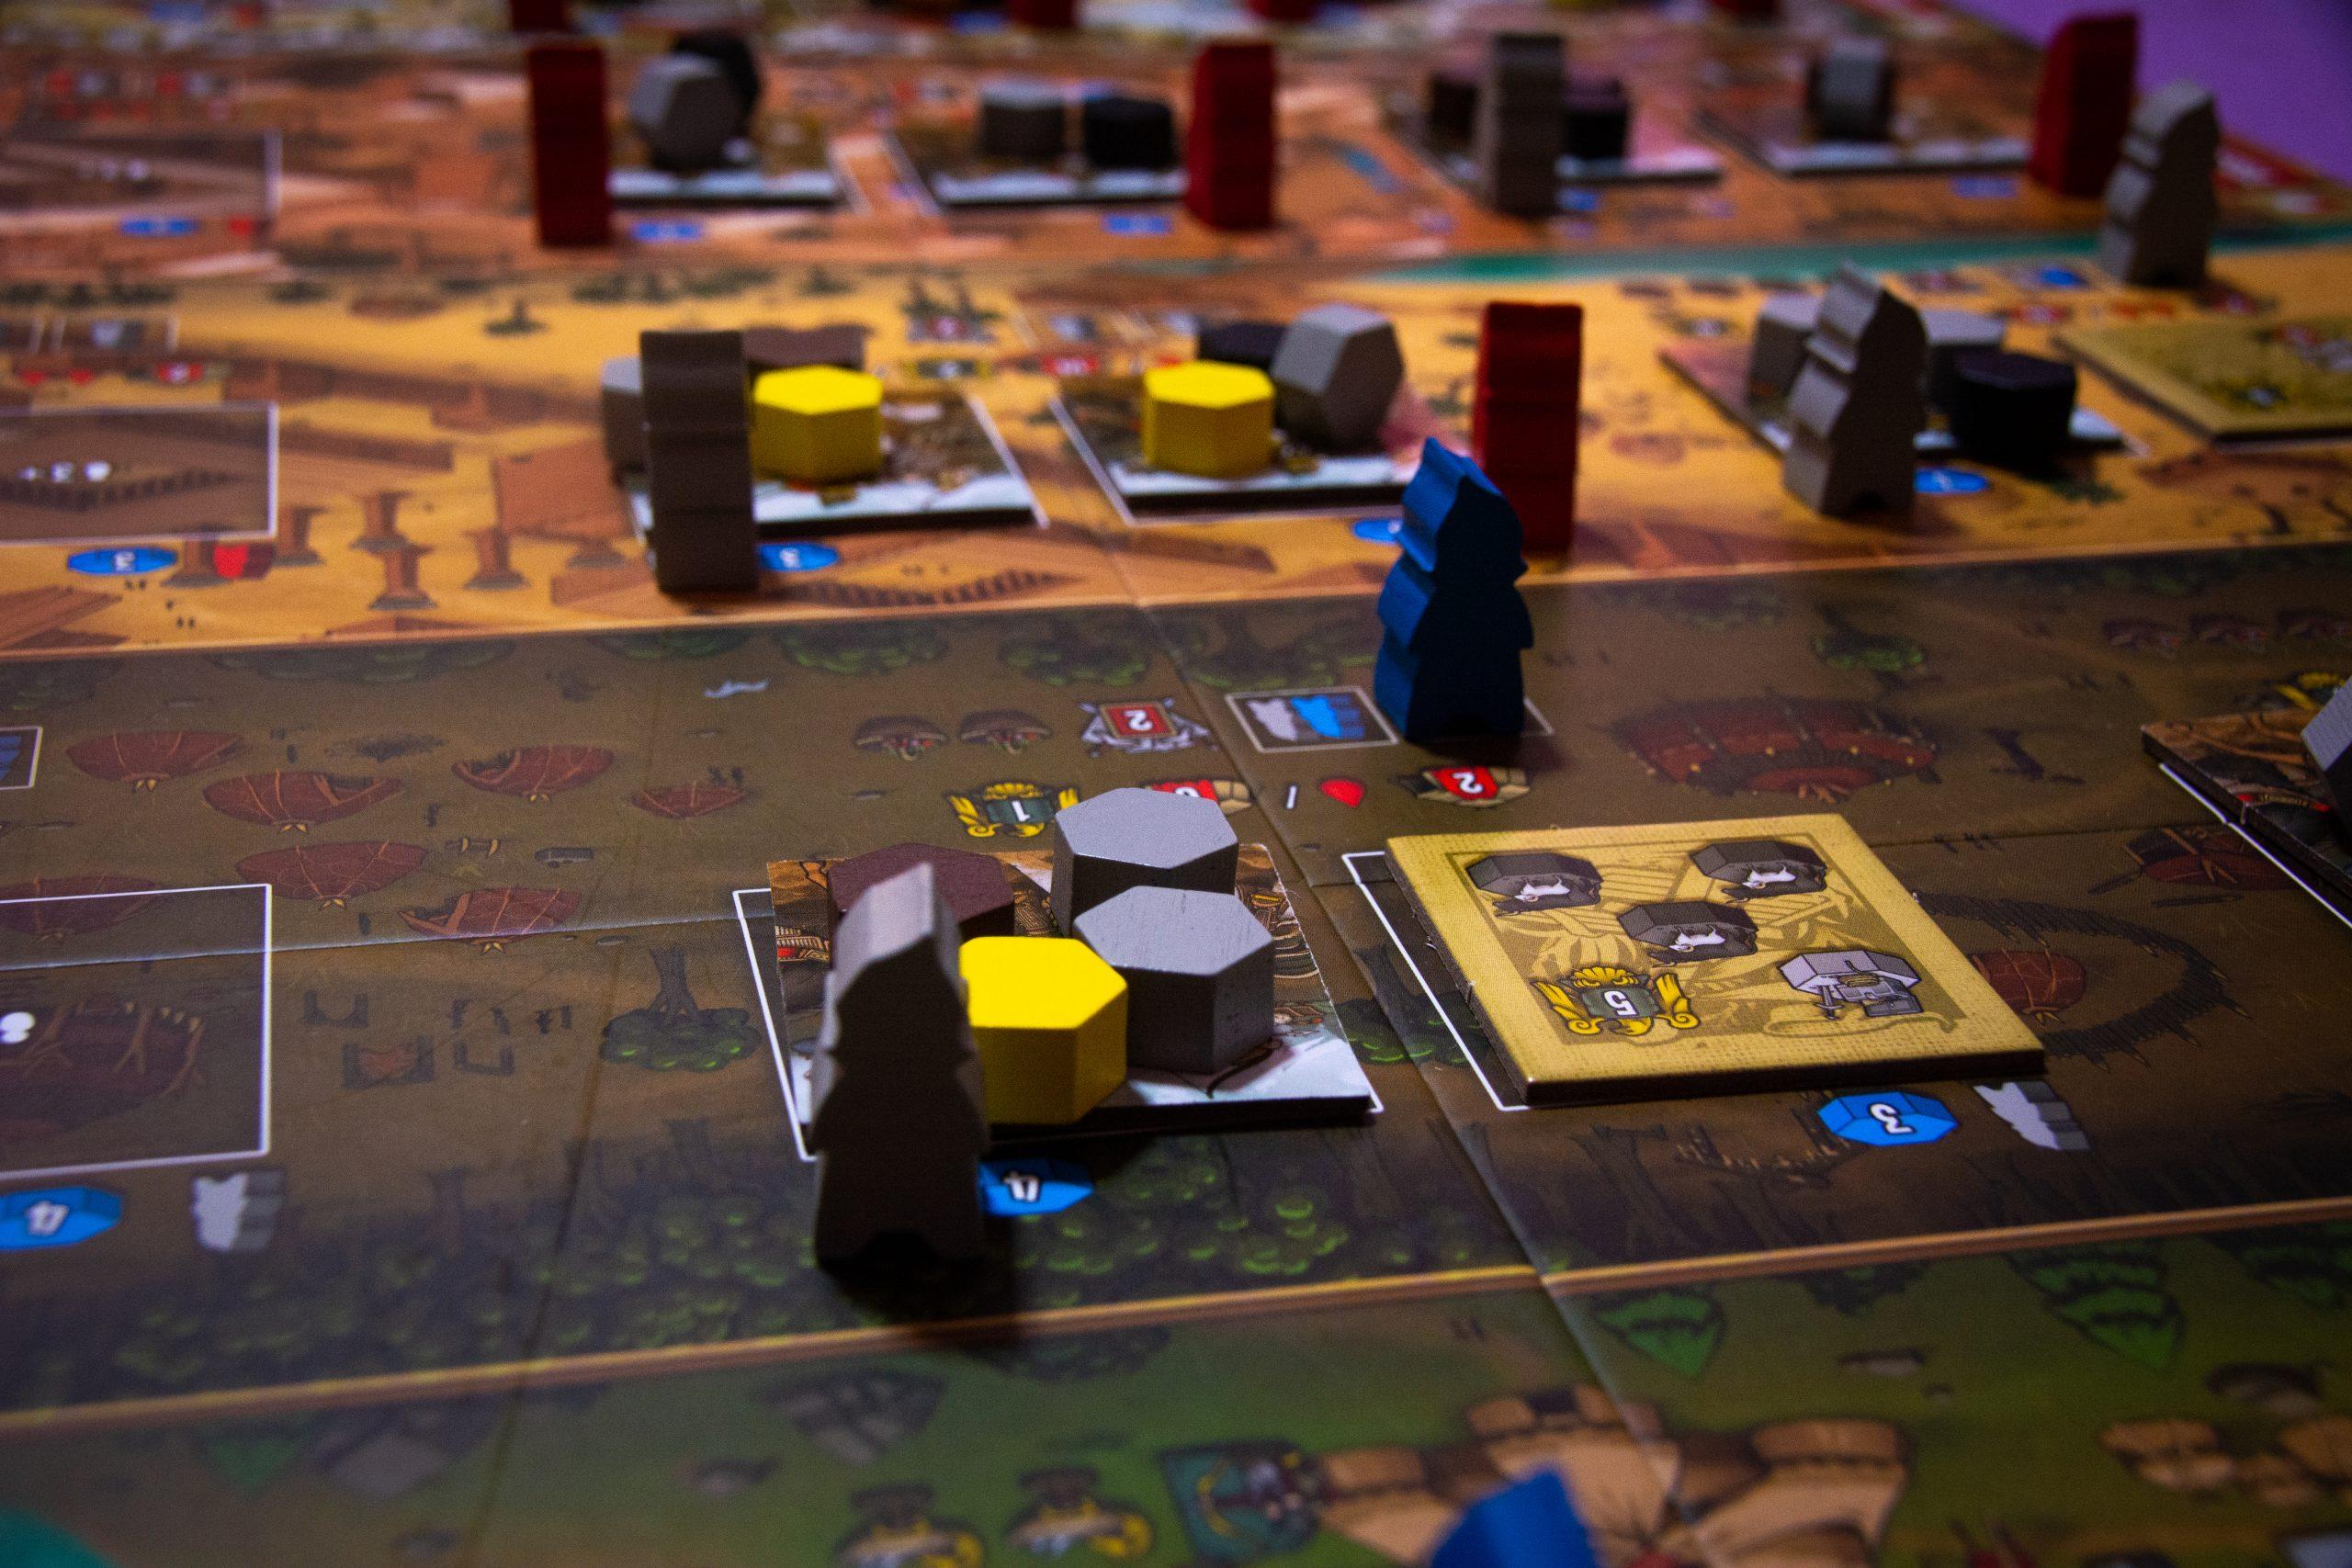 Il tabellone è piuttosto grande e strutturato in modo contrario rispetto ai Raider, con il villaggio nella parte alta e le regioni sotto. Qui abbiamo un unico tracciato per il punteggio (niente più tracce Armatura e Valchirie). Sicuramente l'estetica va a favore di questa seconda versione del gioco.